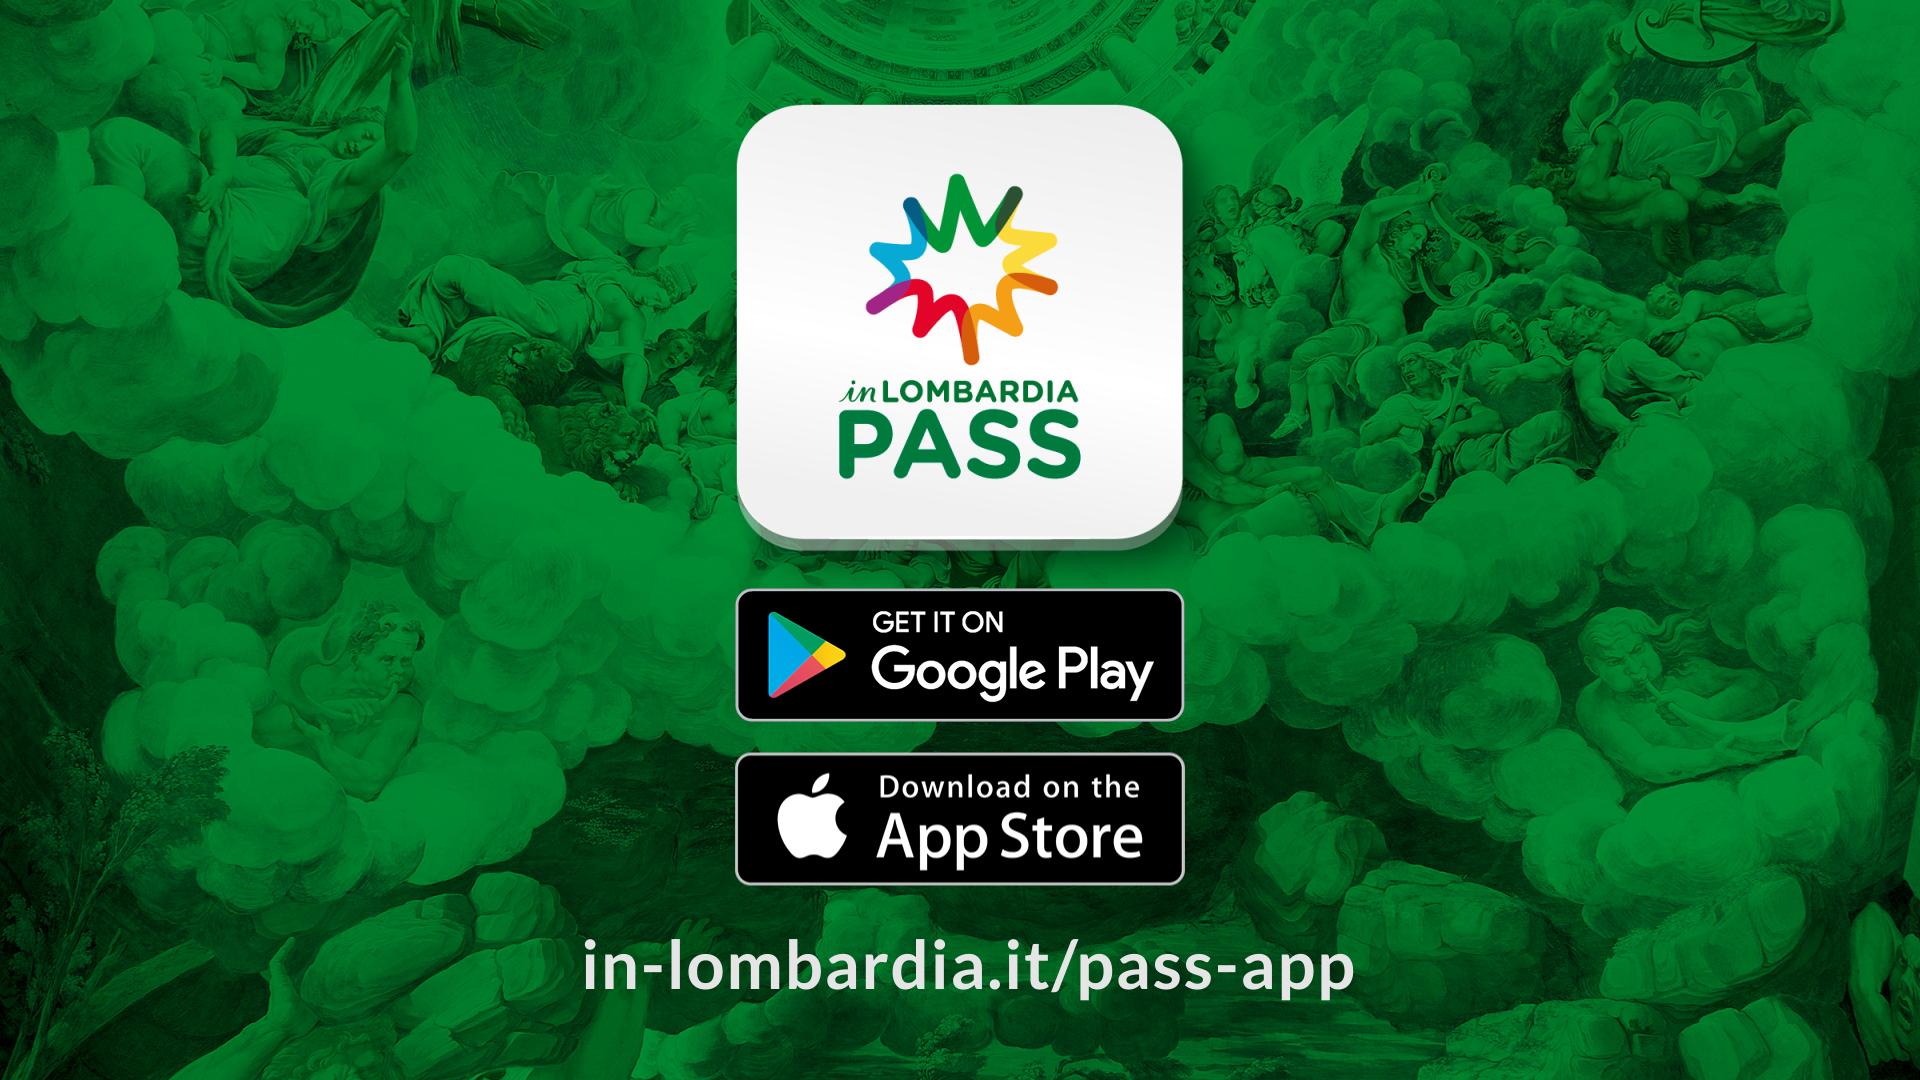 Scarica l'app #inLombardia PASS, registrati e incomincia a giocare!